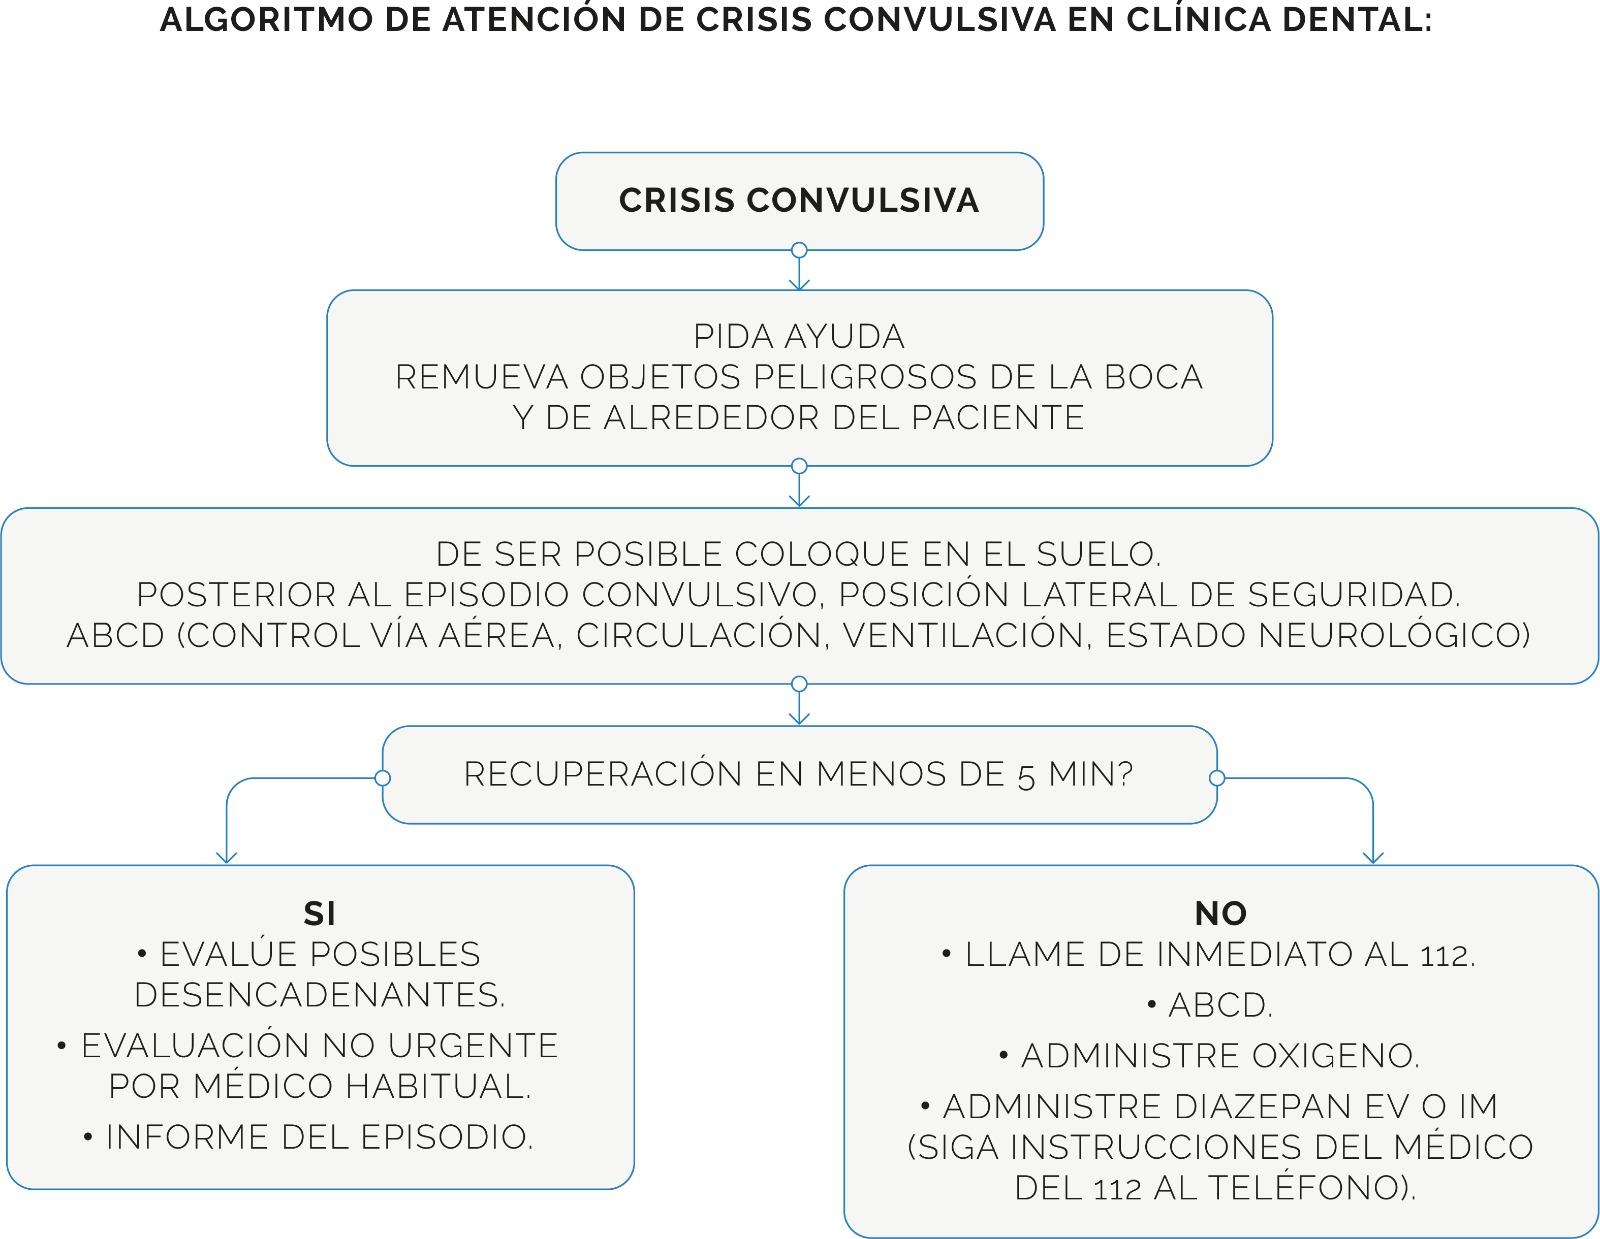 infografia crisis convulsiva en clinics dental